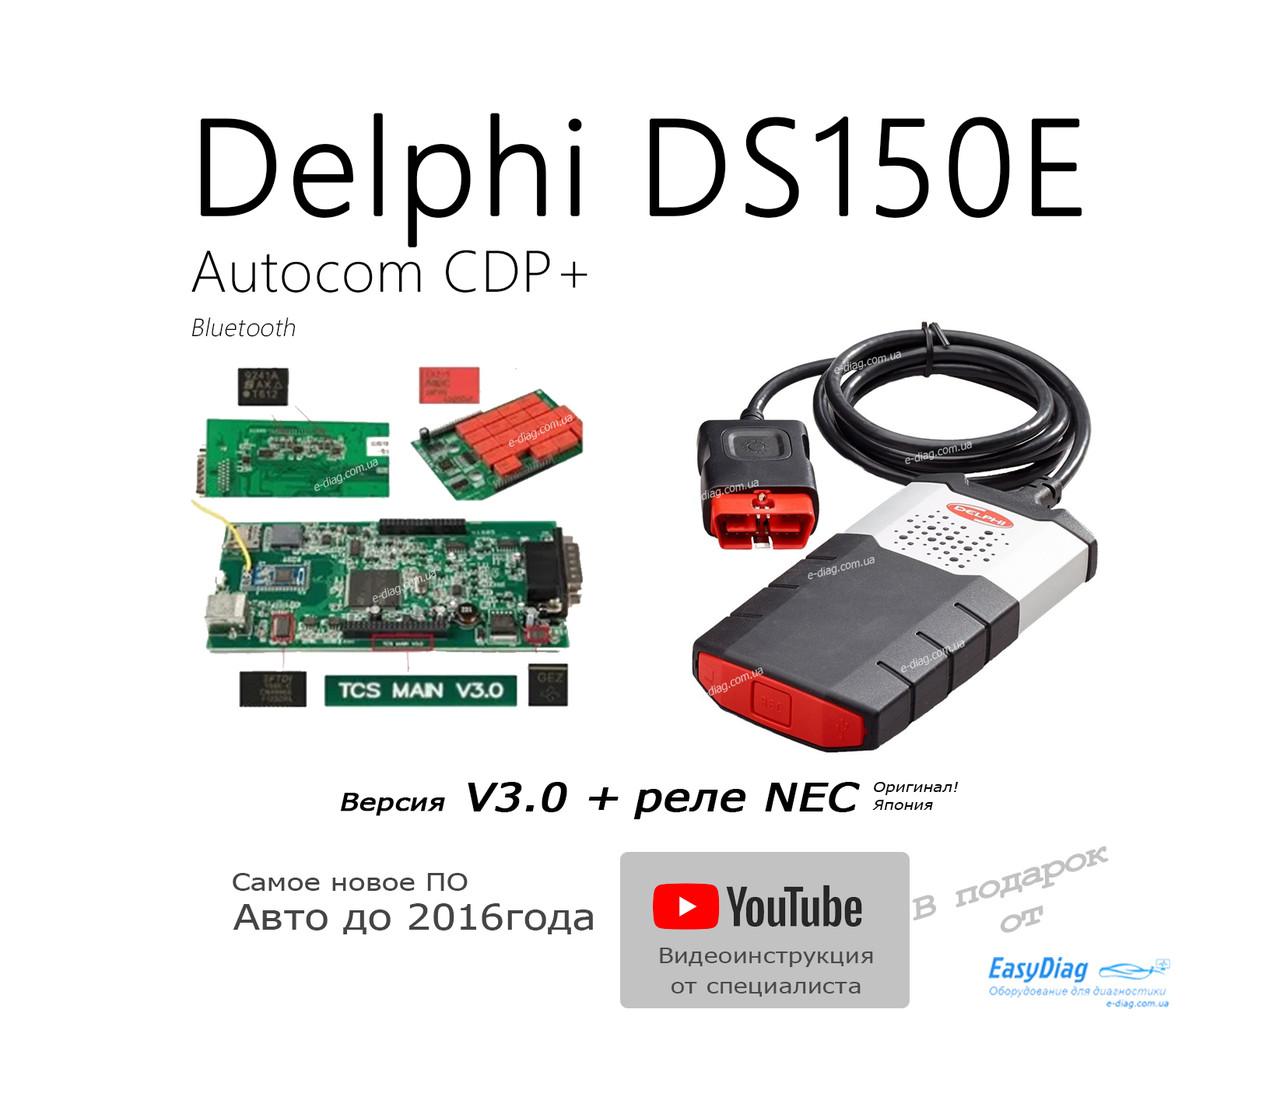 Сканер диагностический DELPHI DS150E, двухплатный (ПО 2016), v3.0, реле NEC